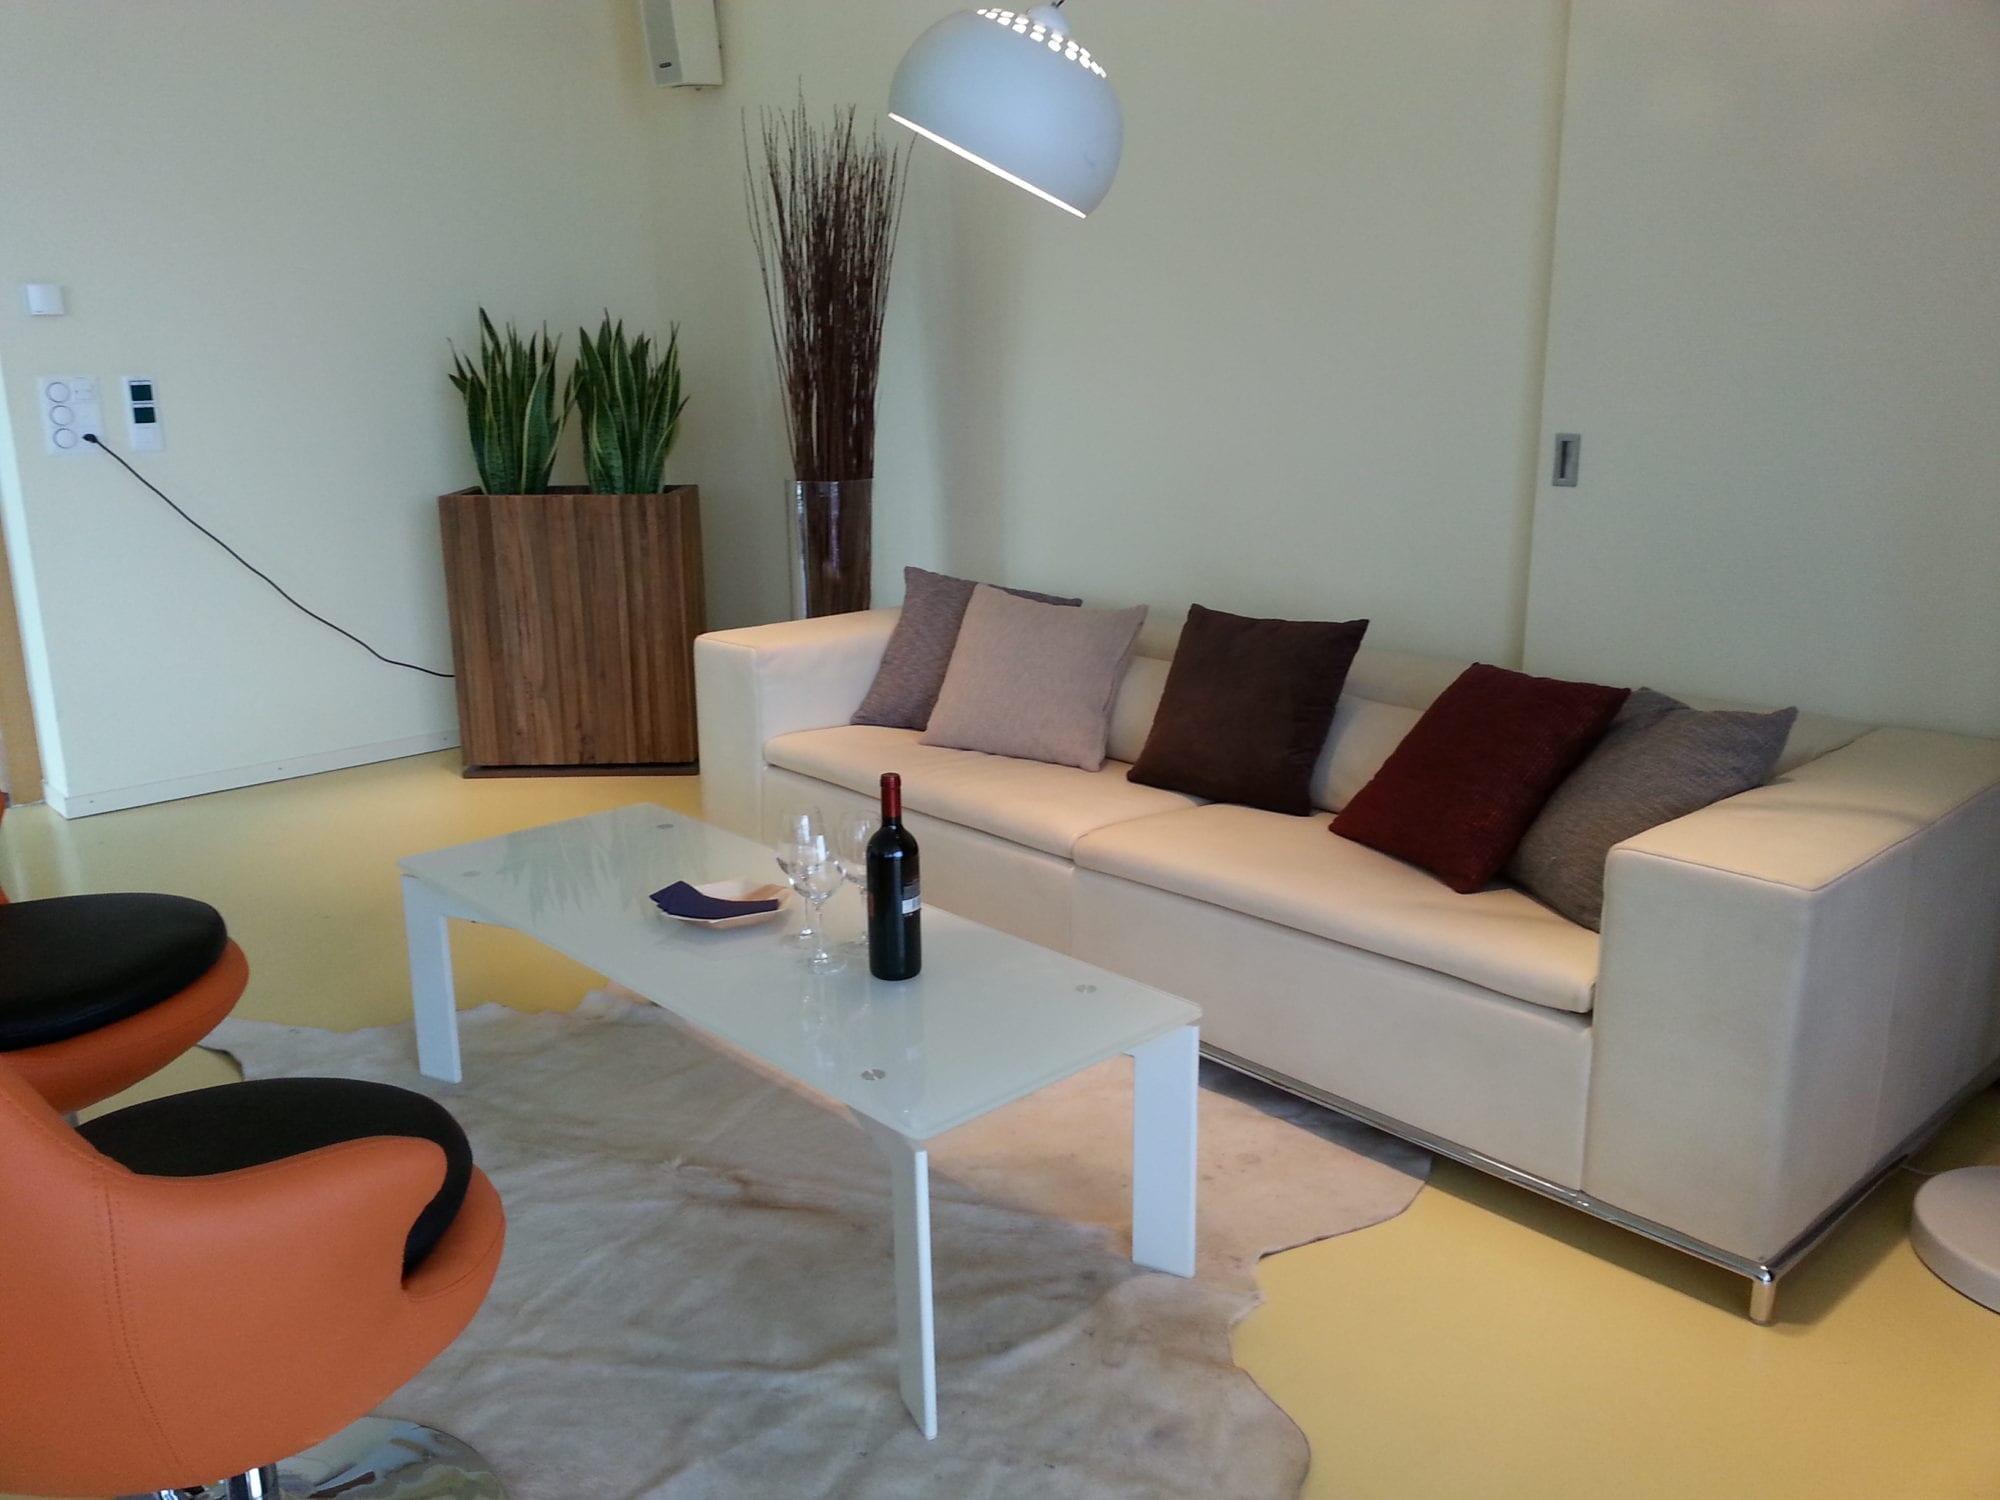 de sede lounge-tisch mieten rent-a-lounge